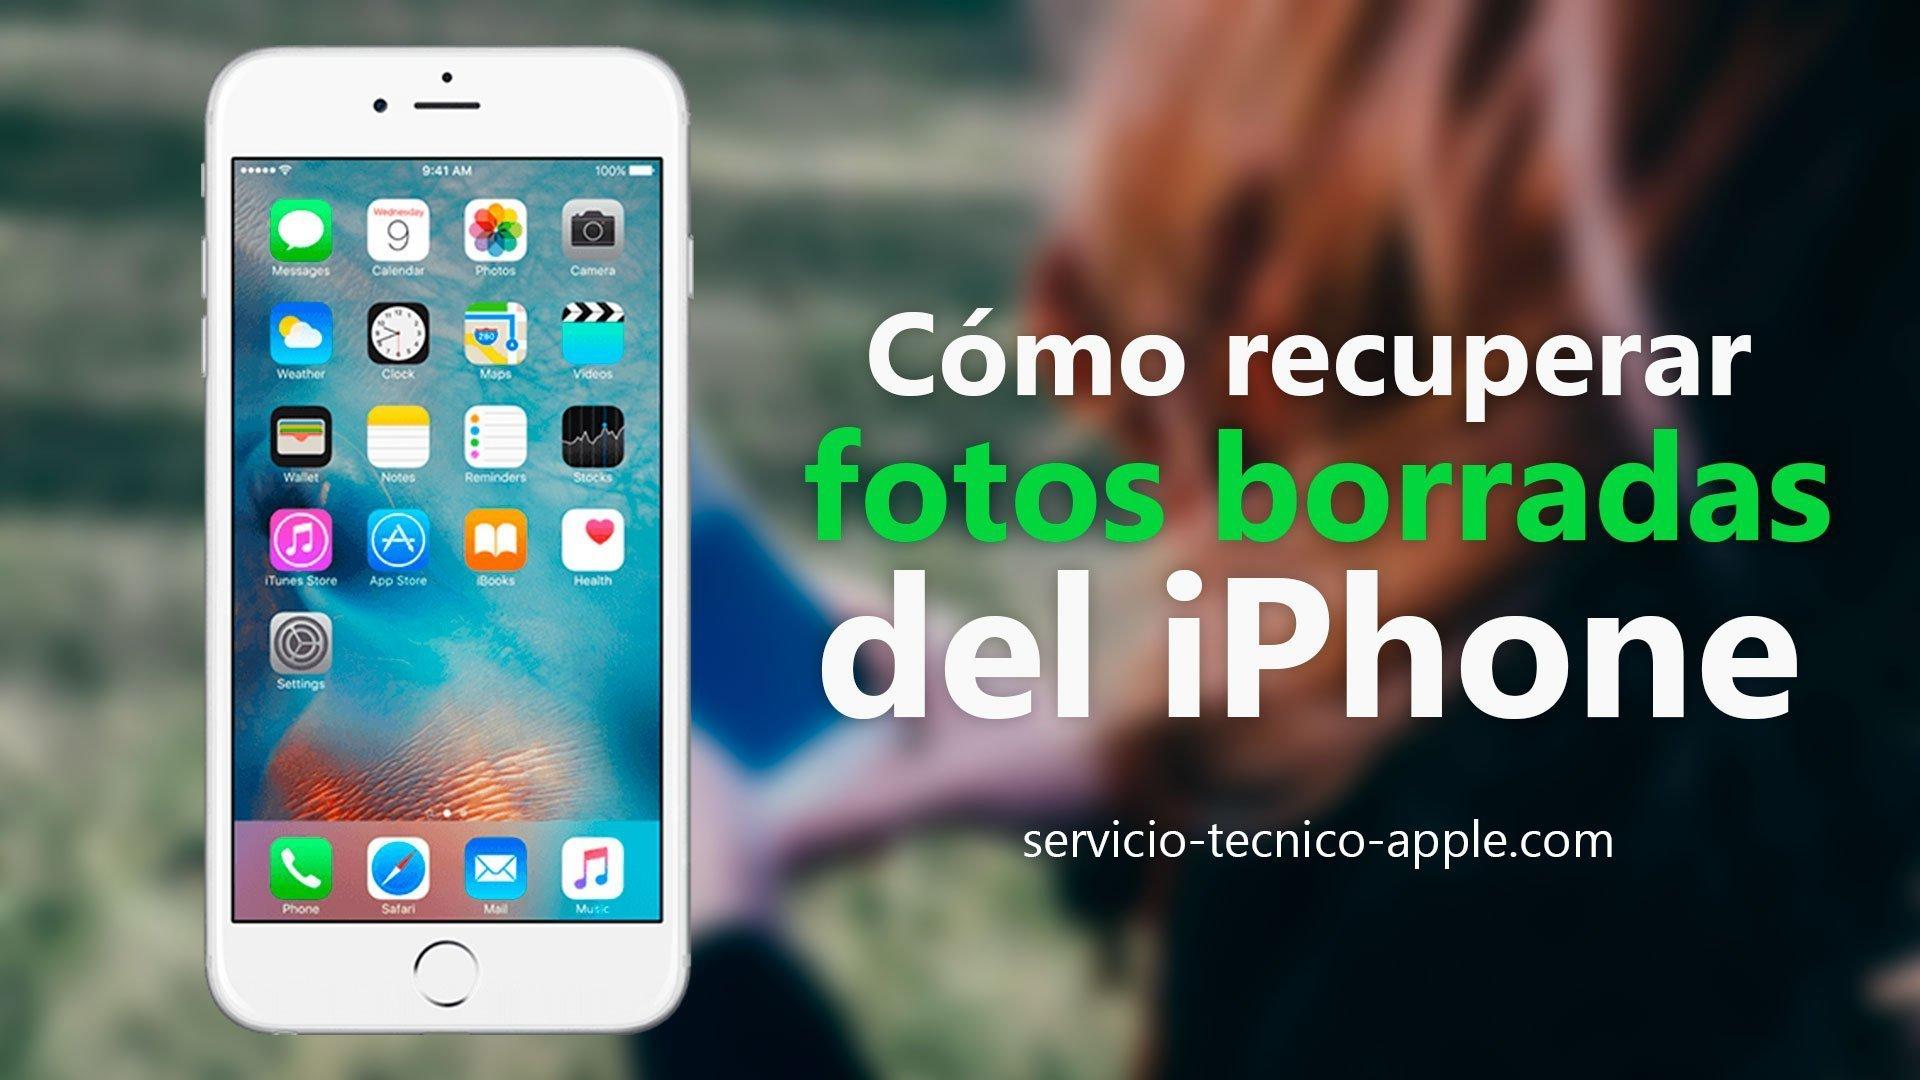 servicio-tecnico-apple iphone fotos borradas